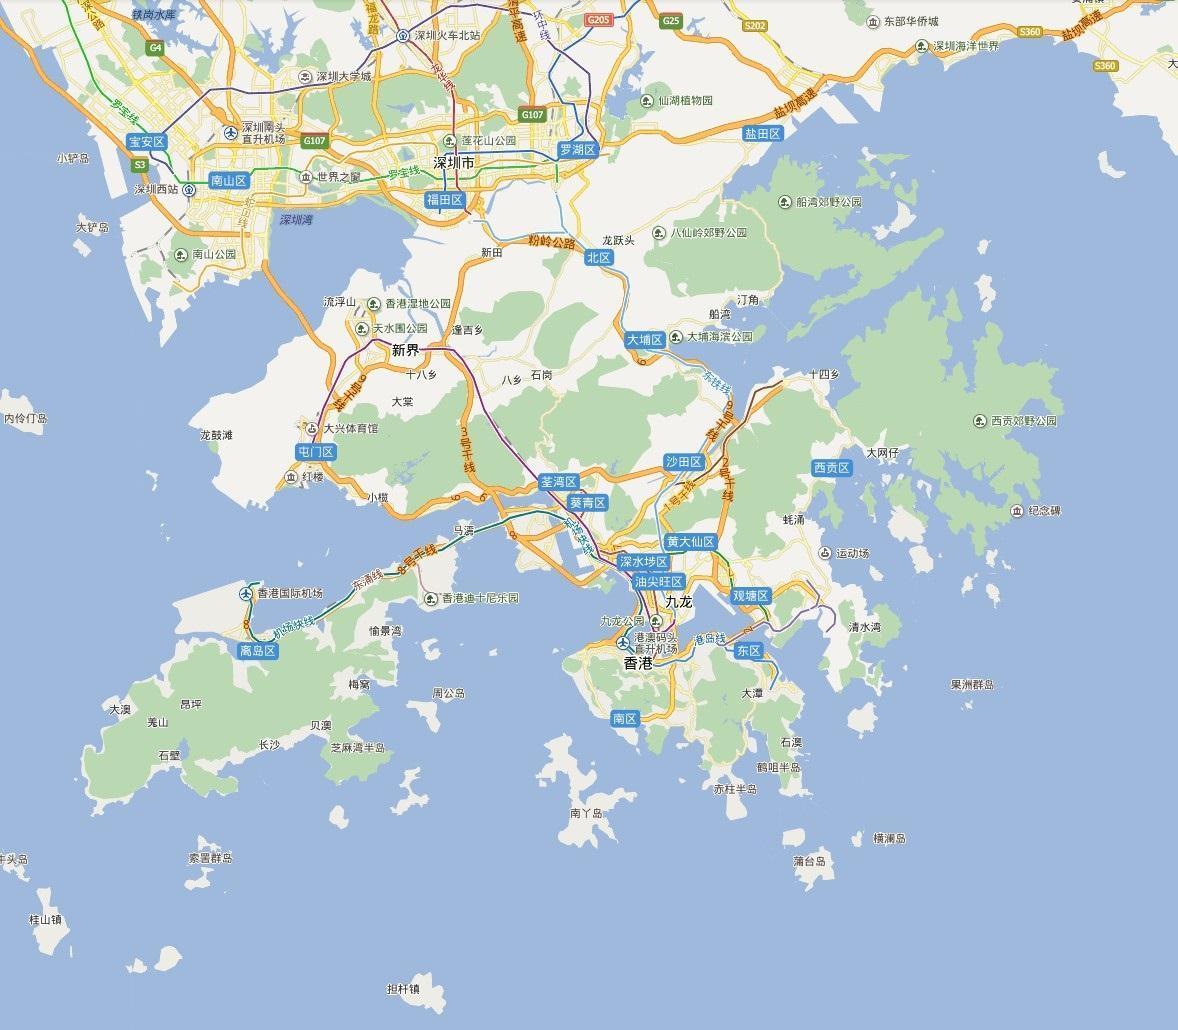 香港2017gdp_杭州gdp和香港